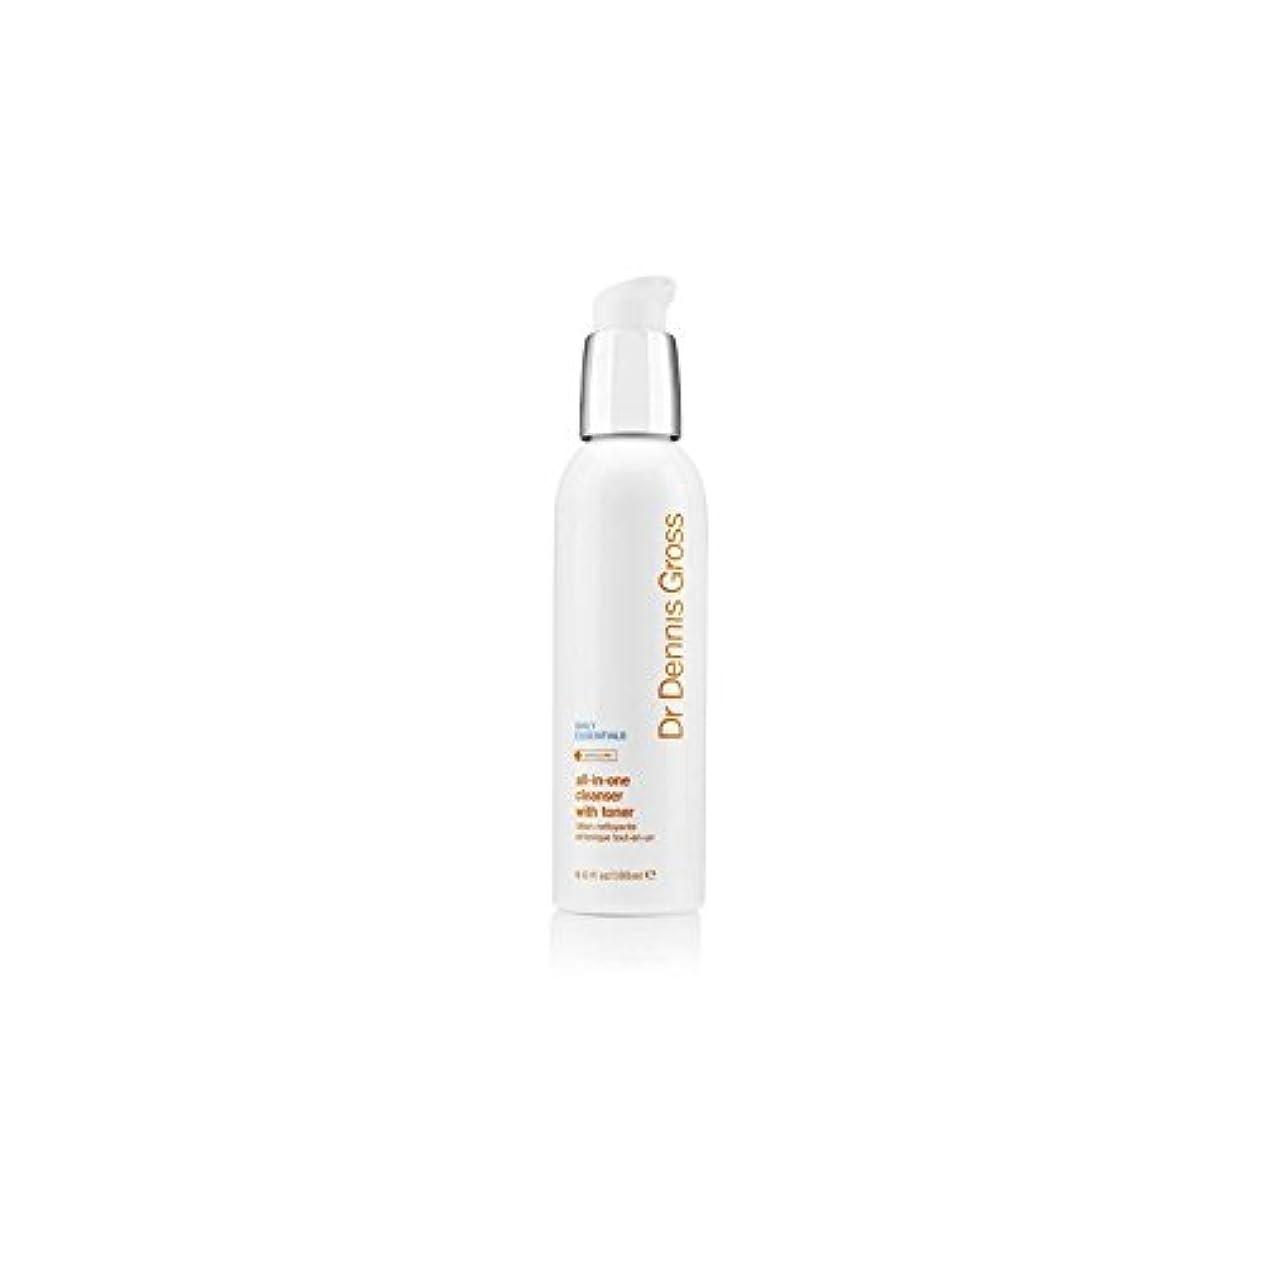 アスリート学校観光デニスグロスオールインワントナー(180ミリリットル)とフェイシャルクレンザー x4 - Dr Dennis Gross All-In-One Facial Cleanser With Toner (180ml) (Pack...